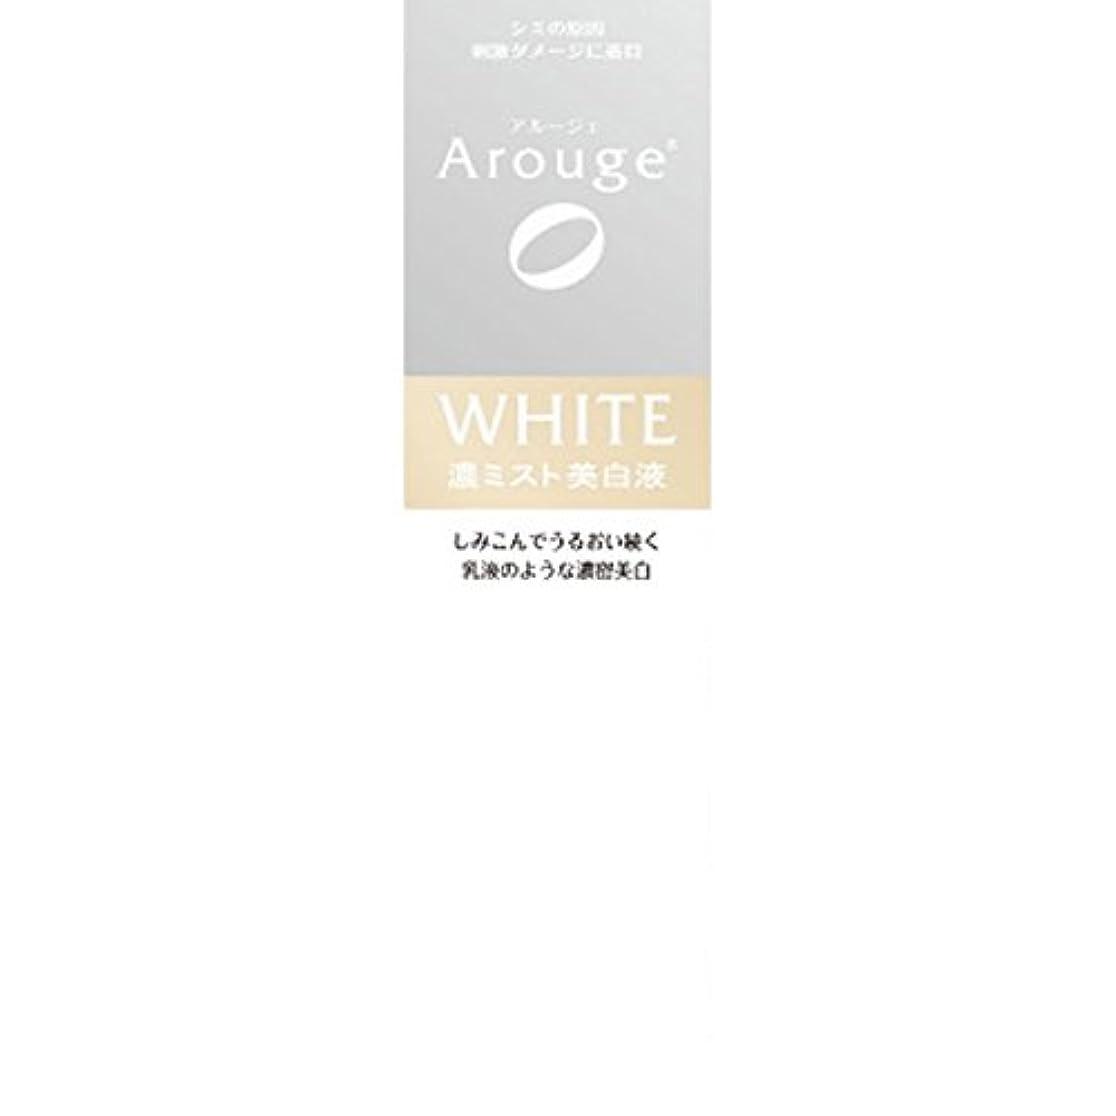 【医薬部外品】アルージェホワイトニングミストセラム 100ML【2個セット】